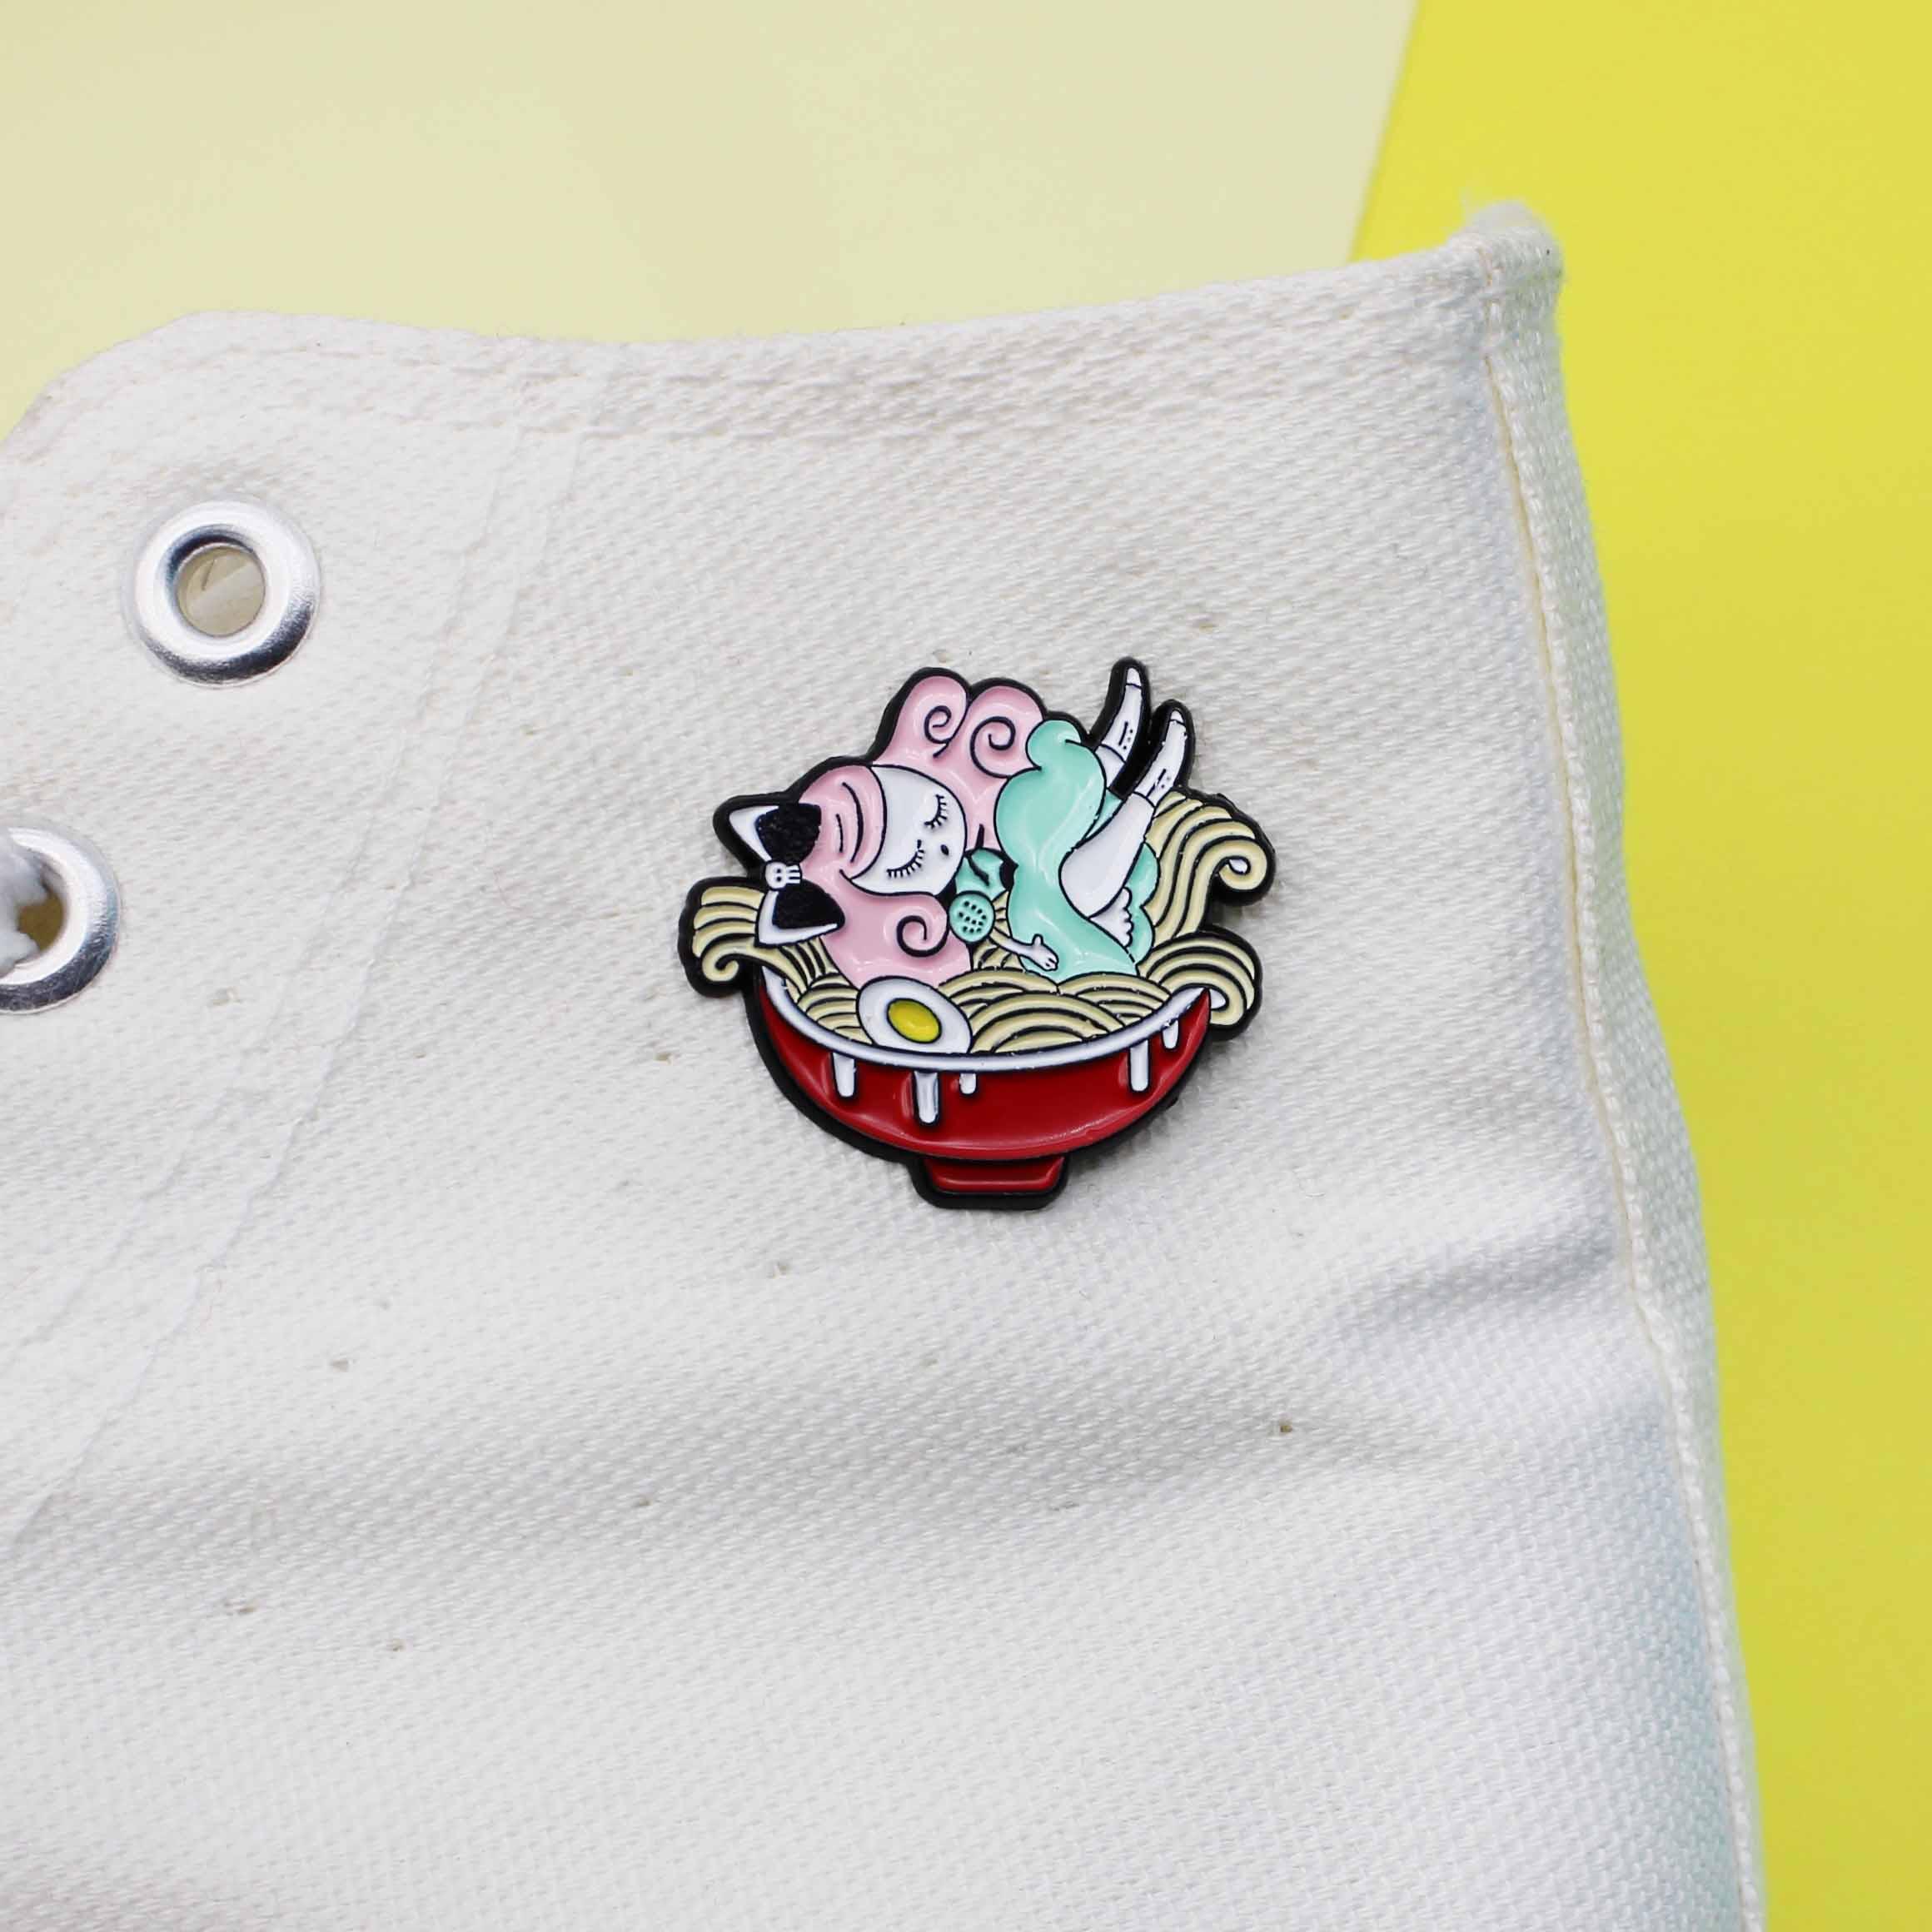 Lalka śpiąca w miska na makaron kreatywna broszka emaliowana dziewczynka śliczna biżuteria prezent przypinka torba kurtki odznaka broszki